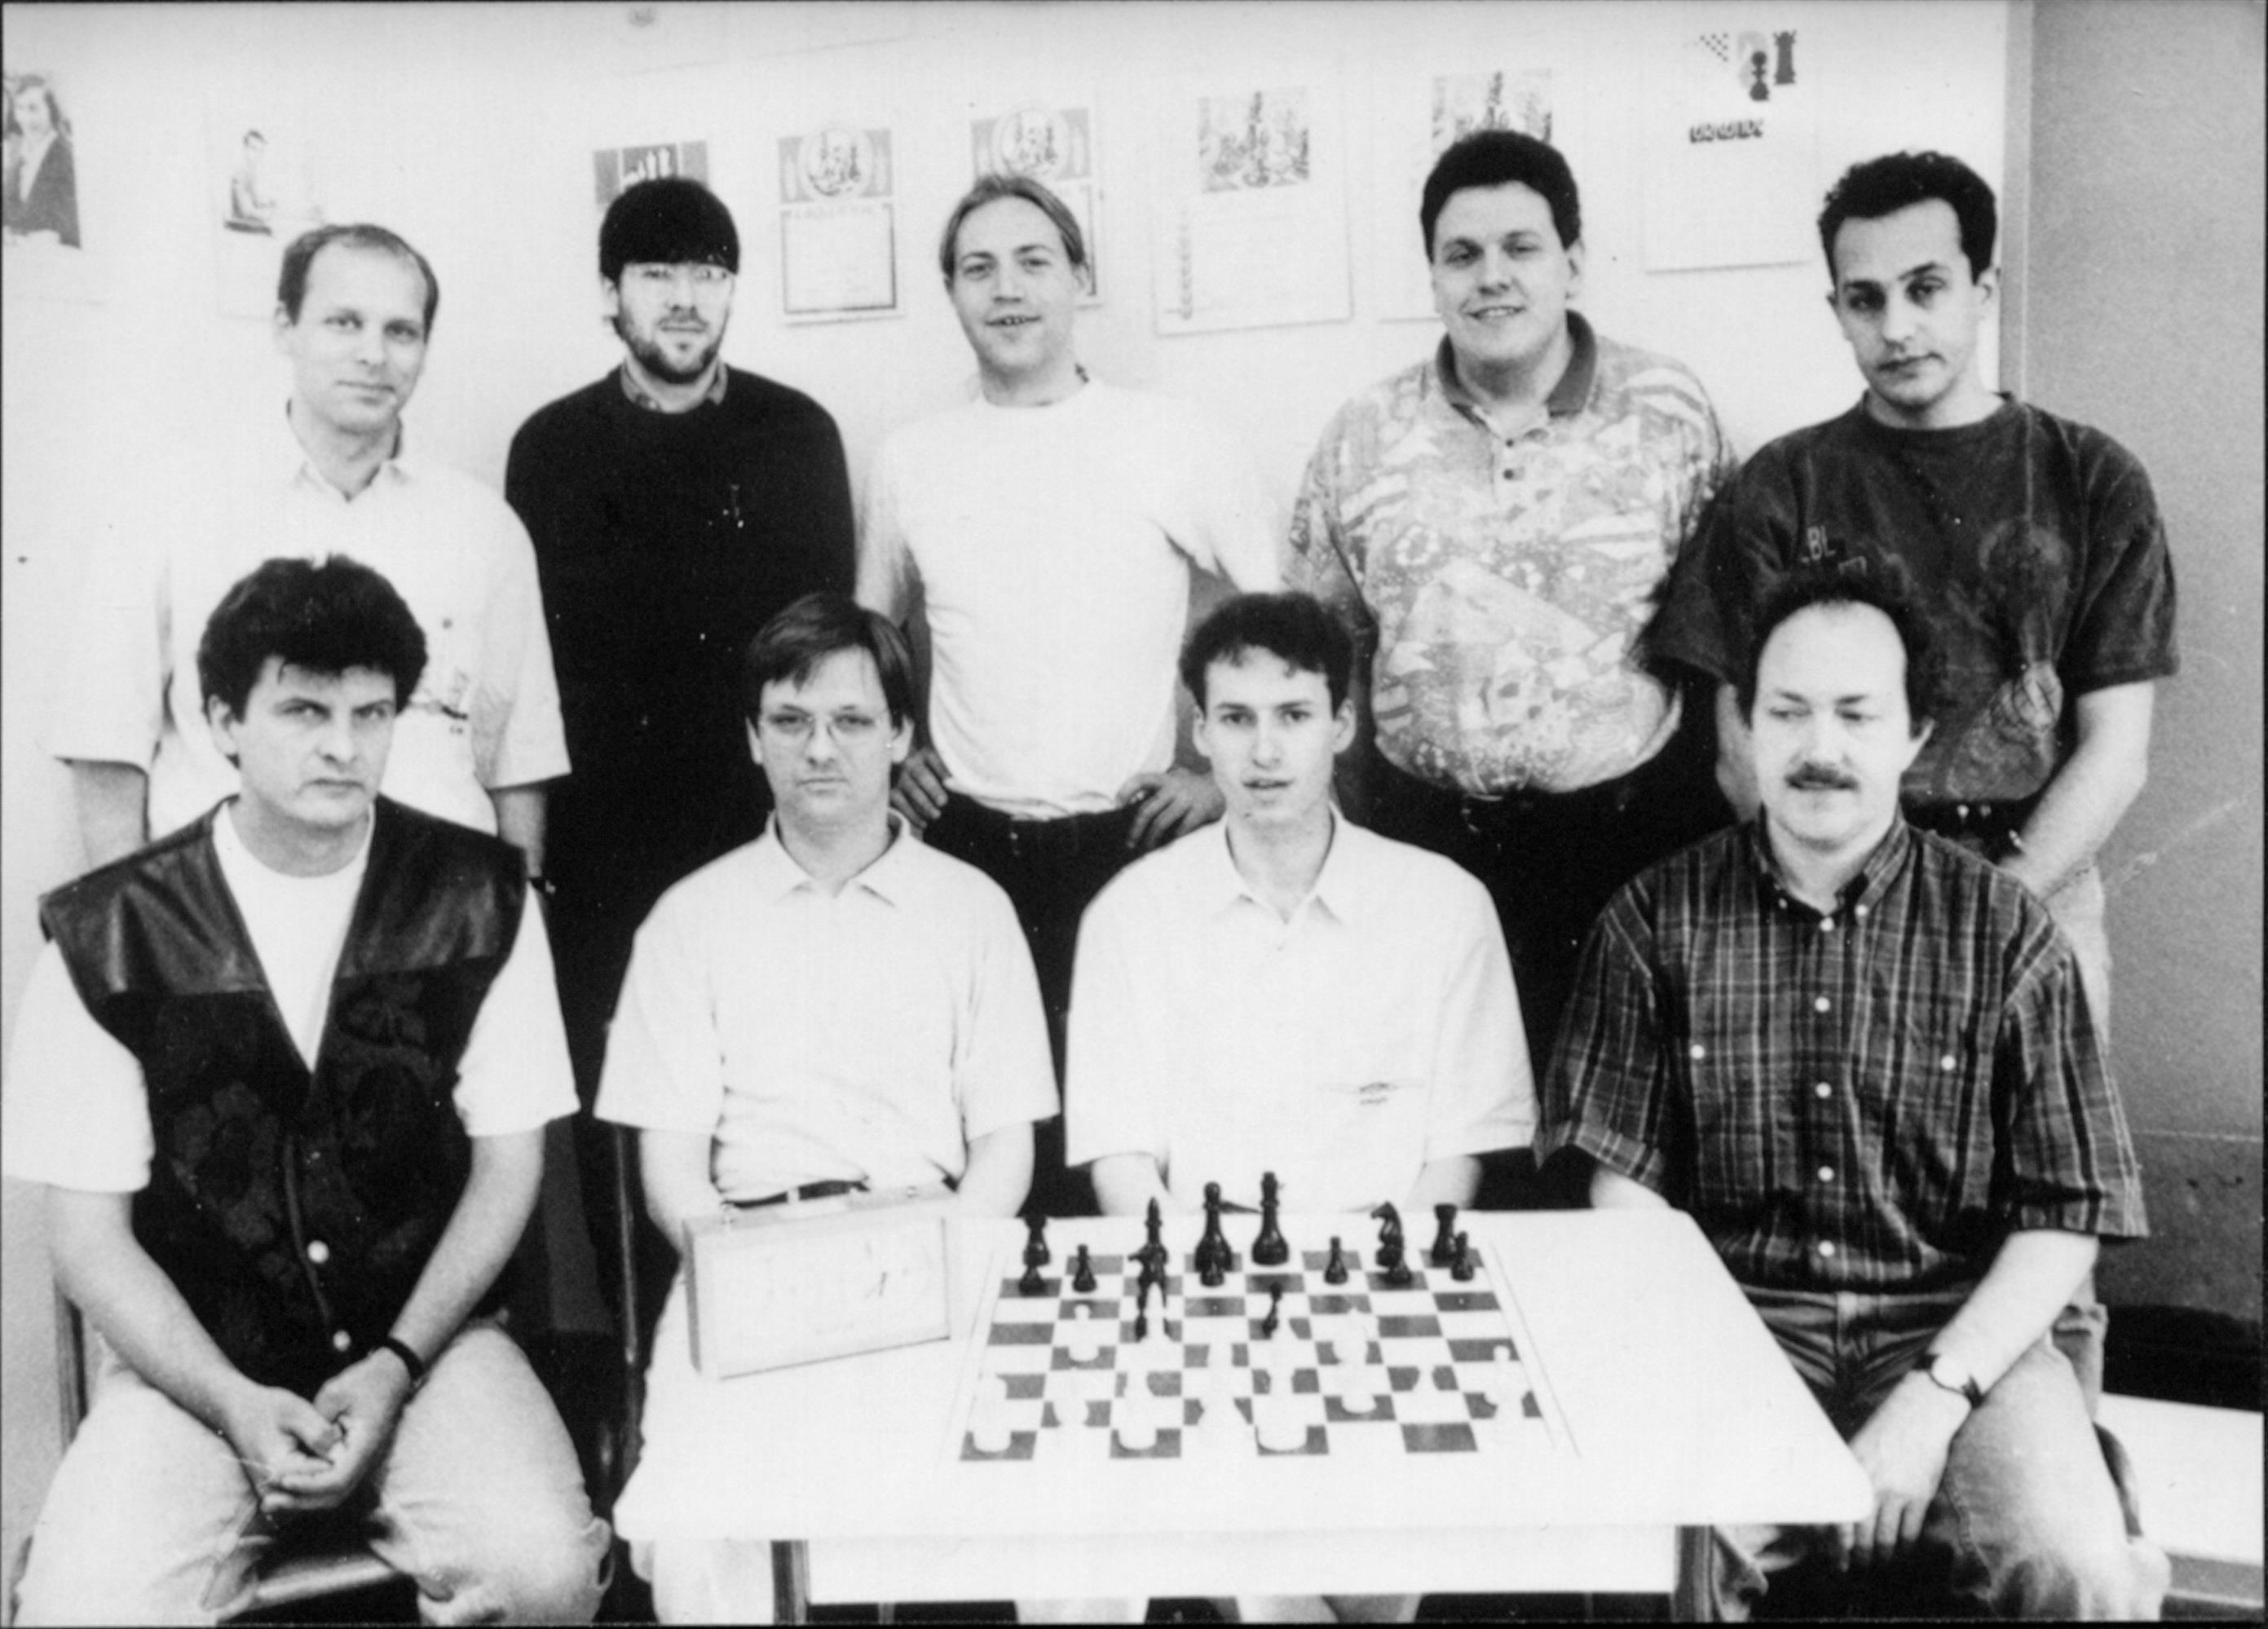 Vorne v.l..: Vladimir Budde, Matthias Röder, Martin Ahn, Gerald Richter. H.v.l.: Norbert Coenen, Klaus Petzold, Thomas Koch, Lothar Oepen, Nikos Begnis